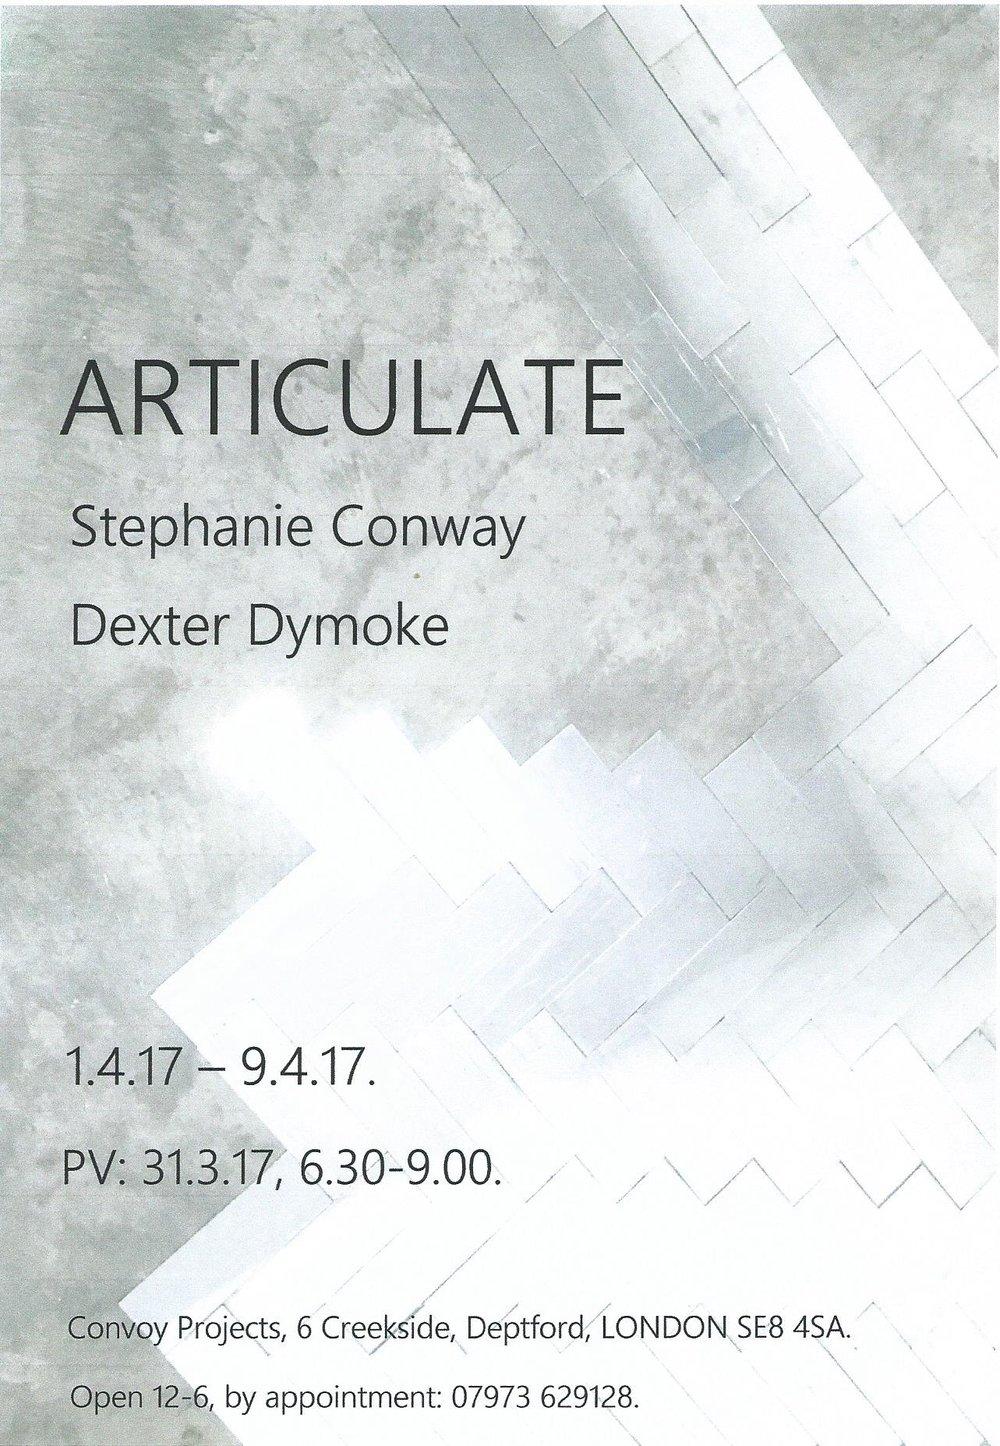 articulate flyer.jpg